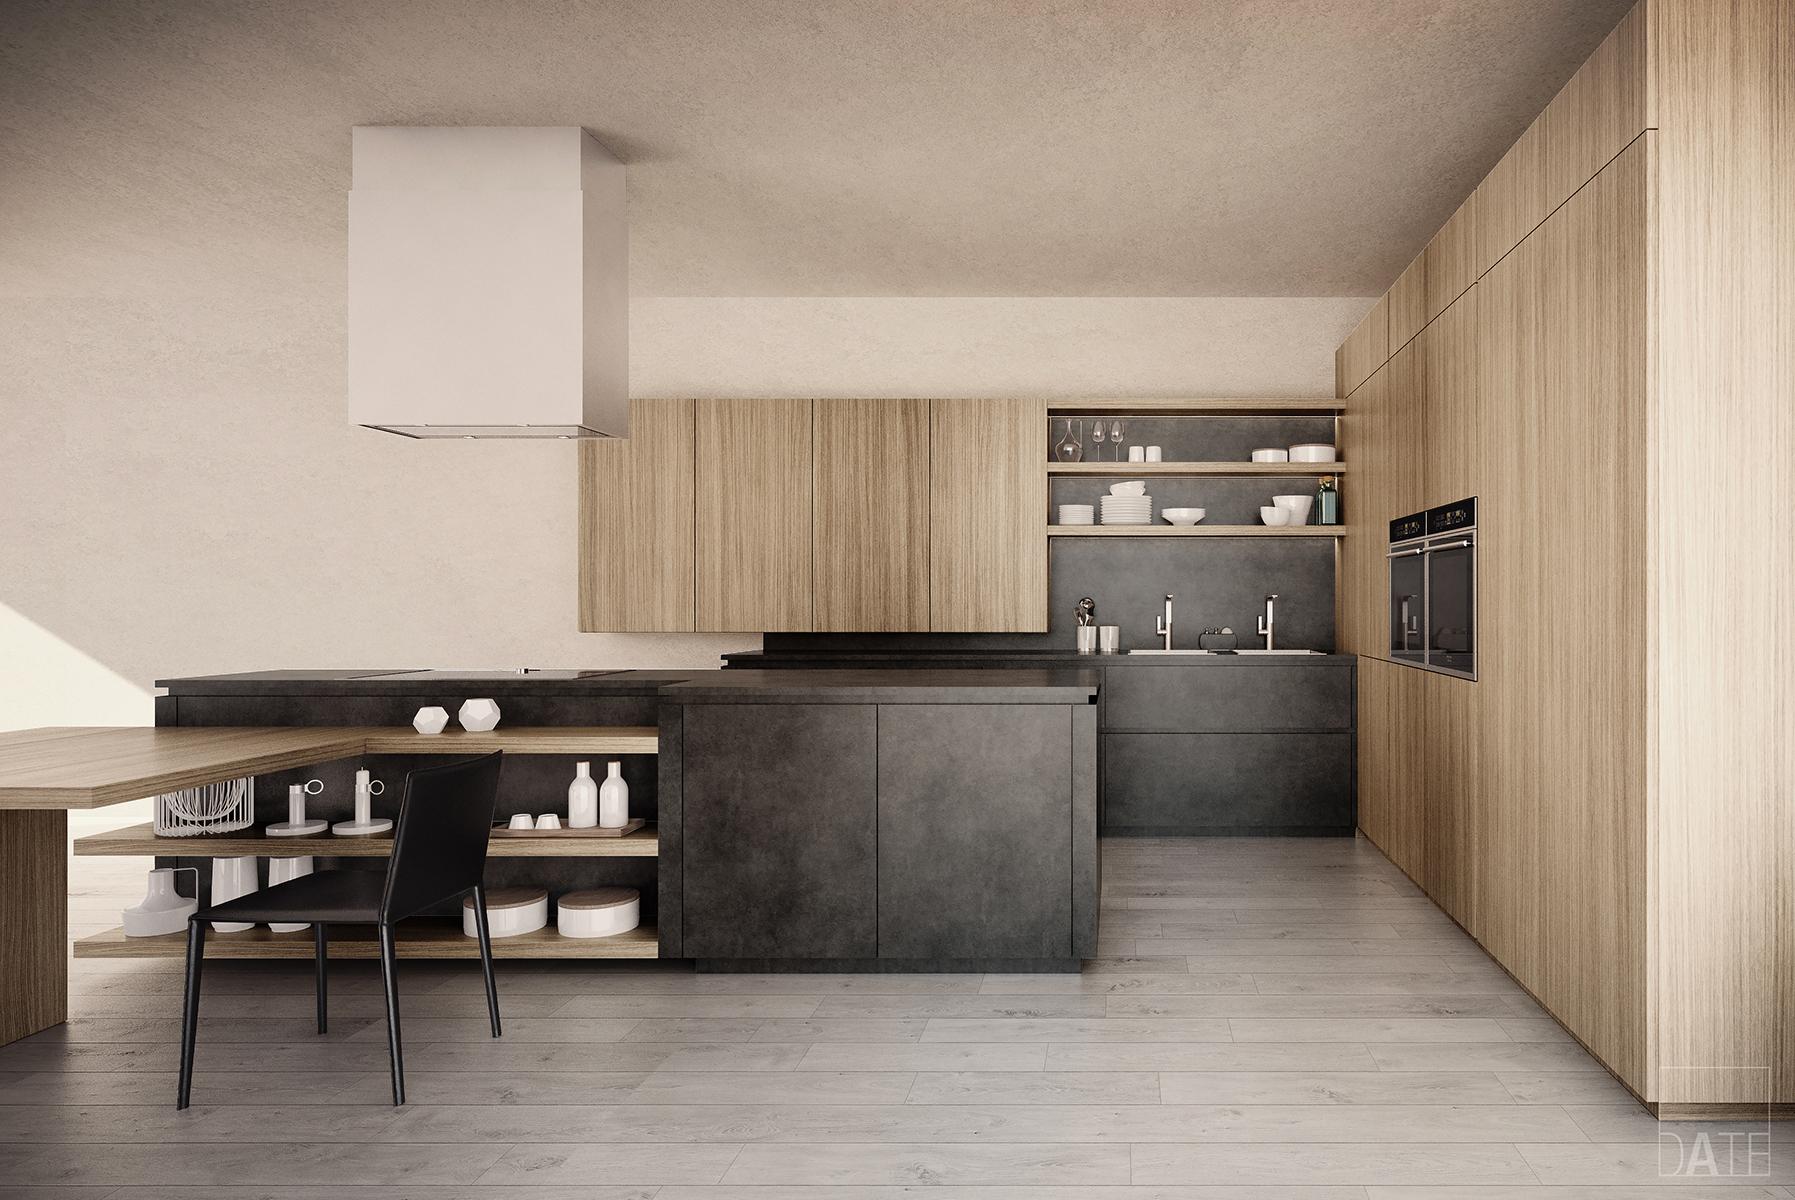 cesar kitchen - 28 images - kitchen modern cesar kitchen theme ...